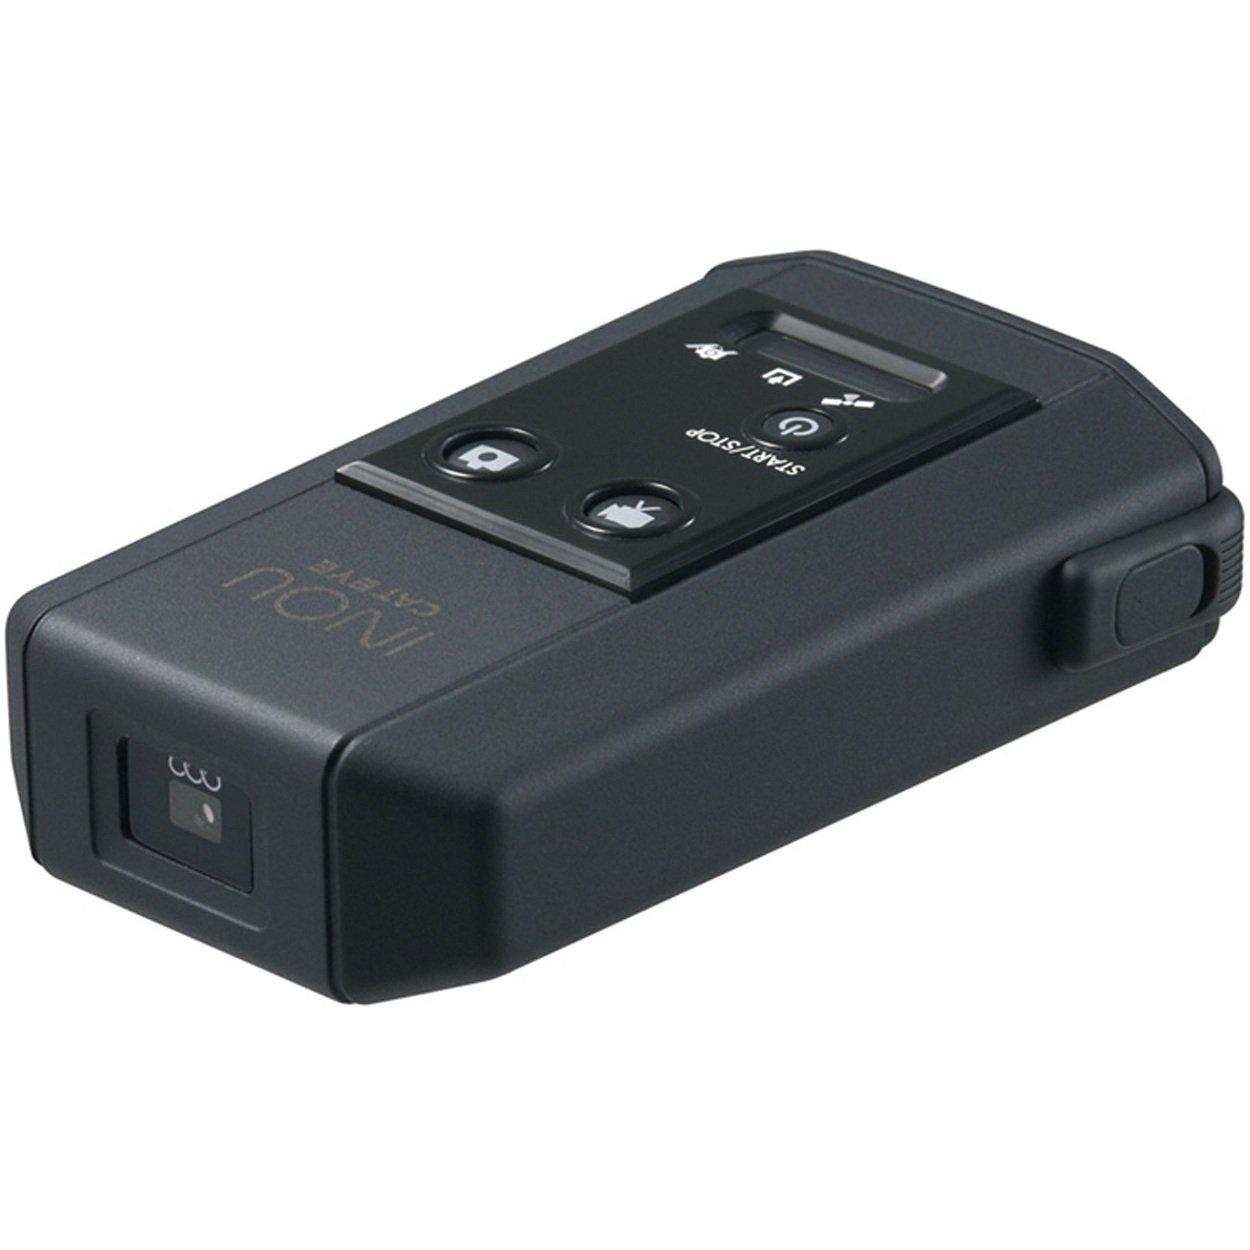 Cateye Multi Sport Computer INOU Foto- und Videokamera mit GPS Logger, schwarz